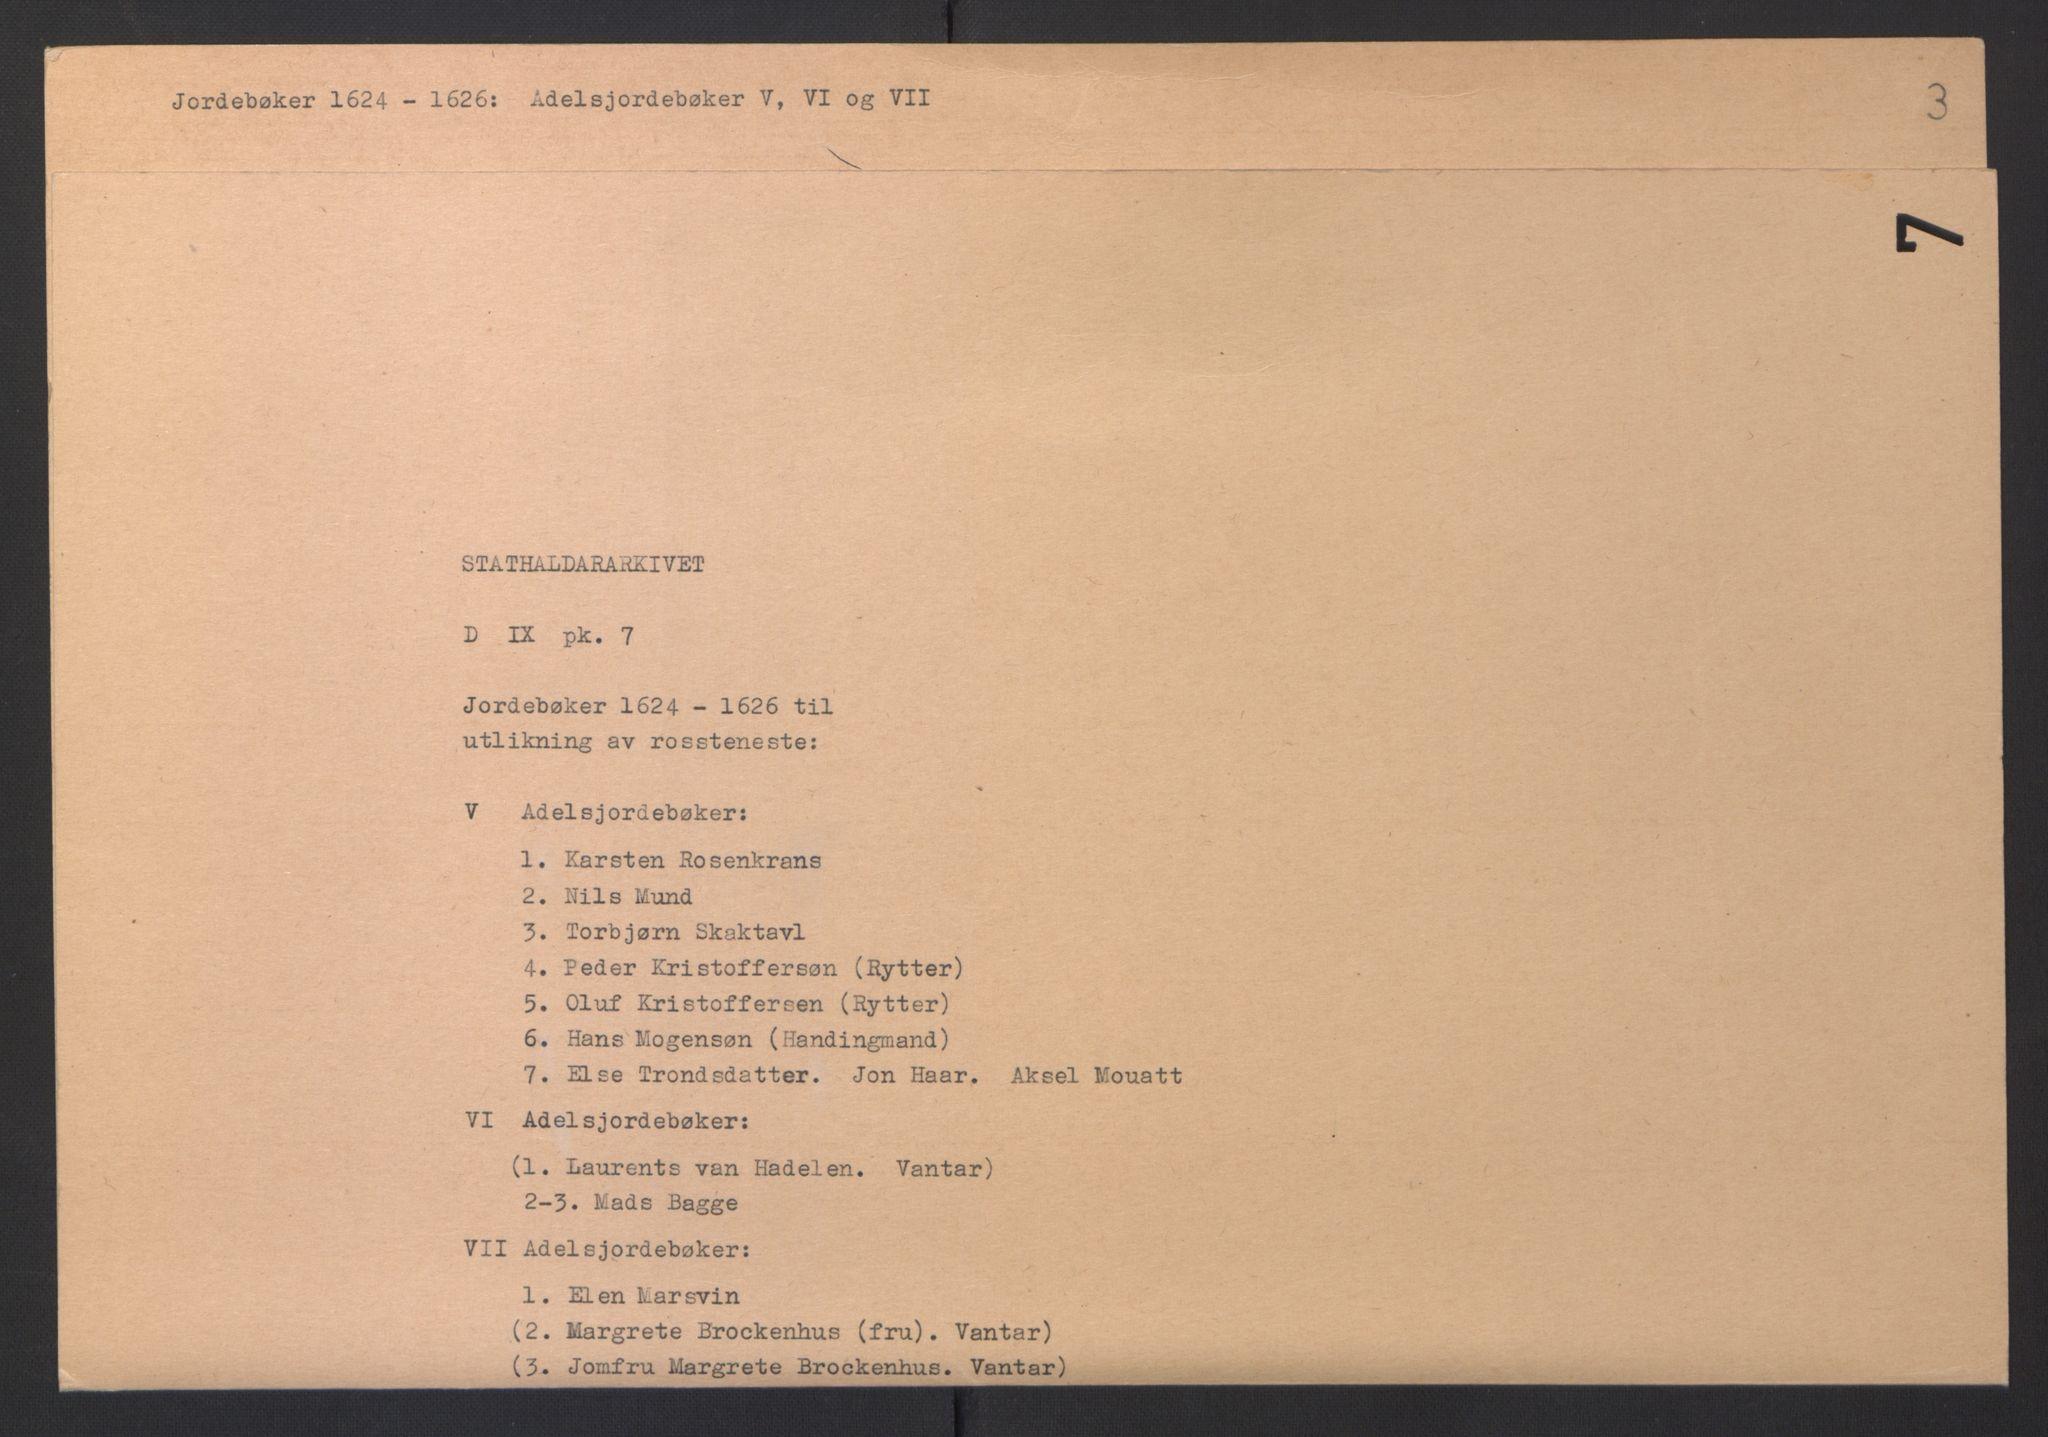 RA, Stattholderembetet 1572-1771, Ek/L0007: Jordebøker til utlikning av rosstjeneste 1624-1626:, 1624-1625, s. 159